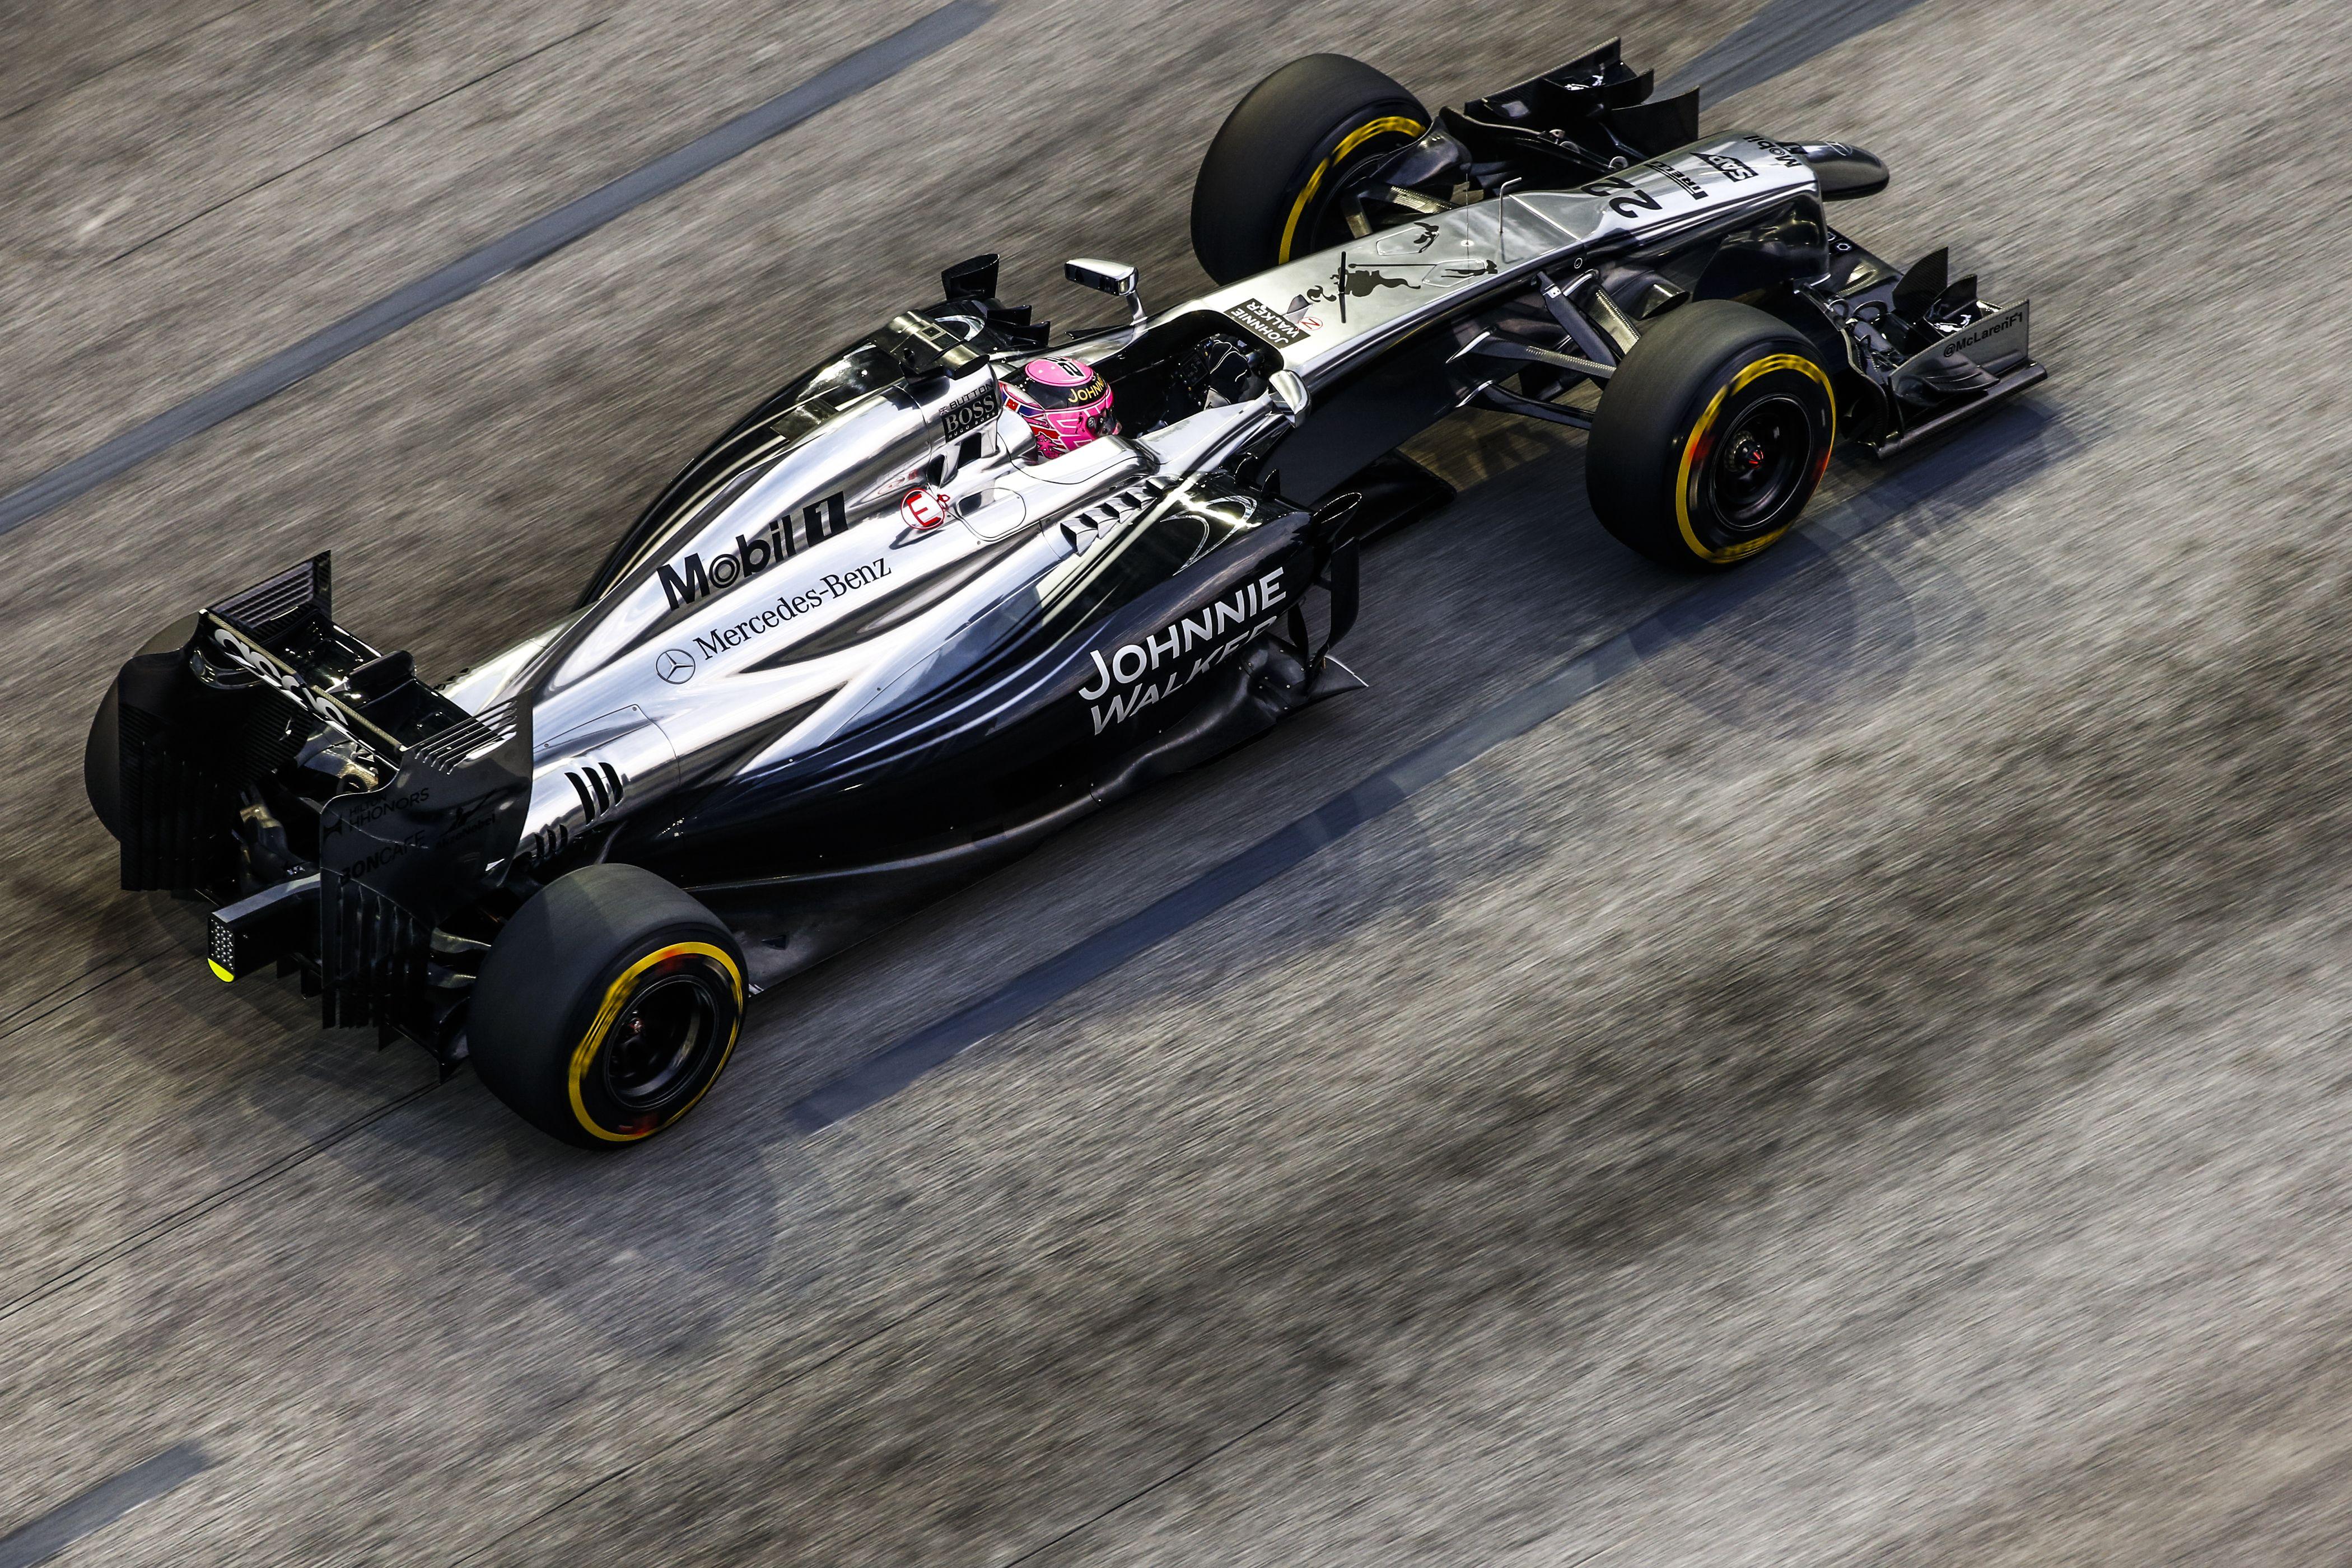 Button: Világbajnokként egy versenyképes autót akarok vezetni, máskülönben nincs értelme folytatnom